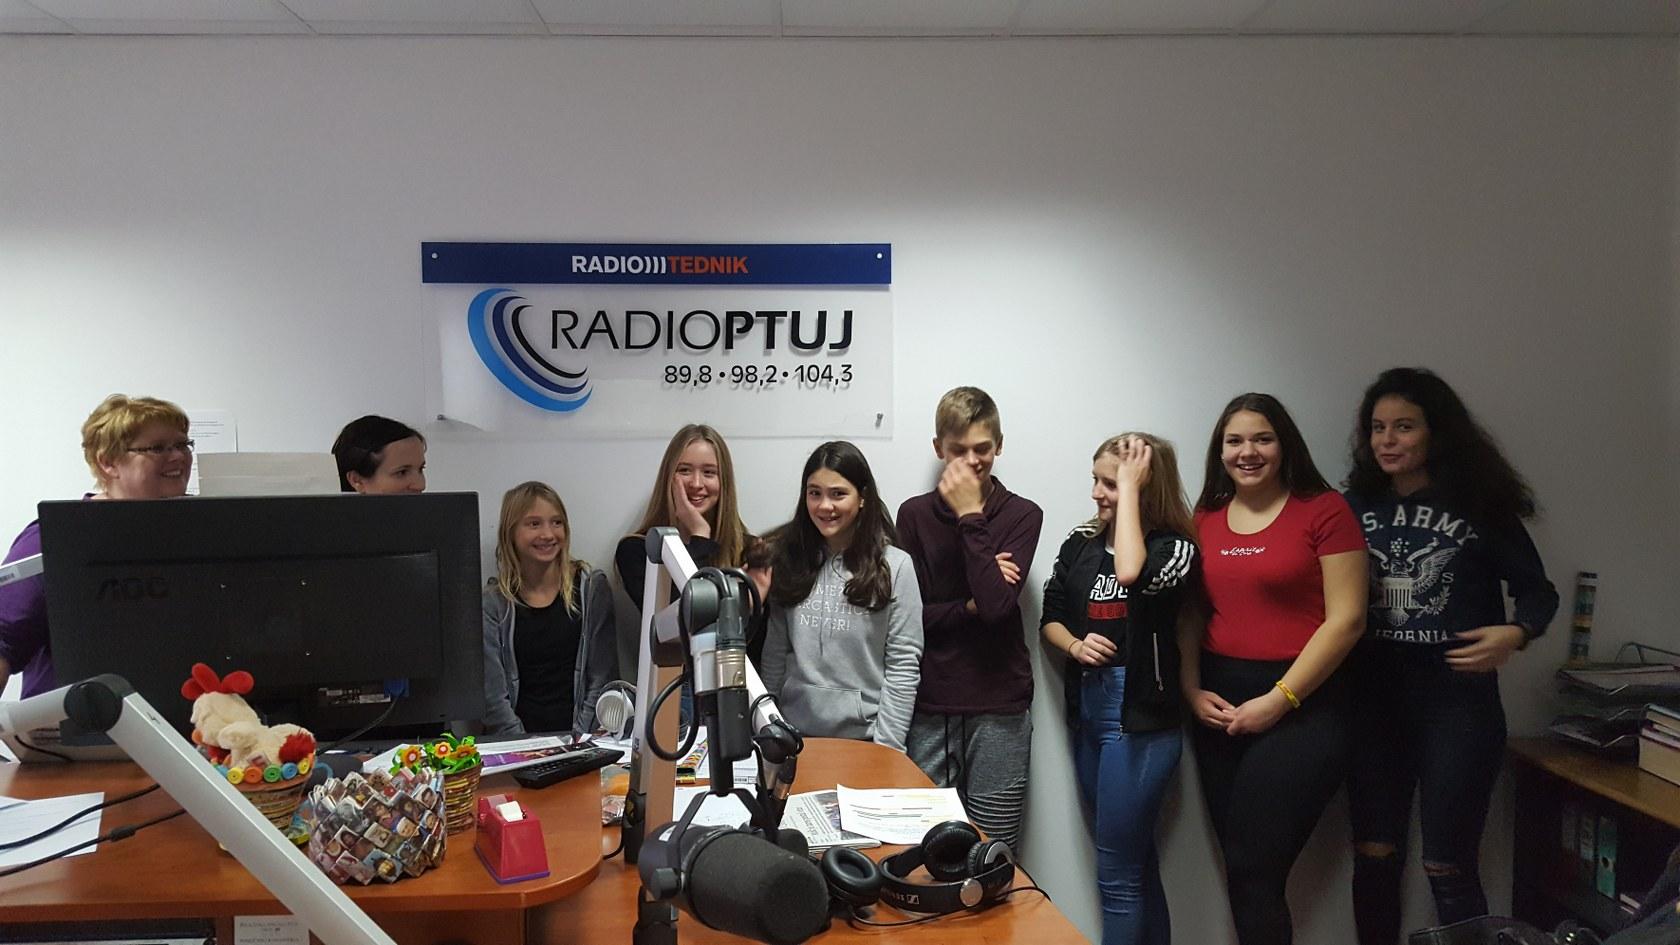 obisk-radia-tednik-ptuj-novinar-5_1680x945